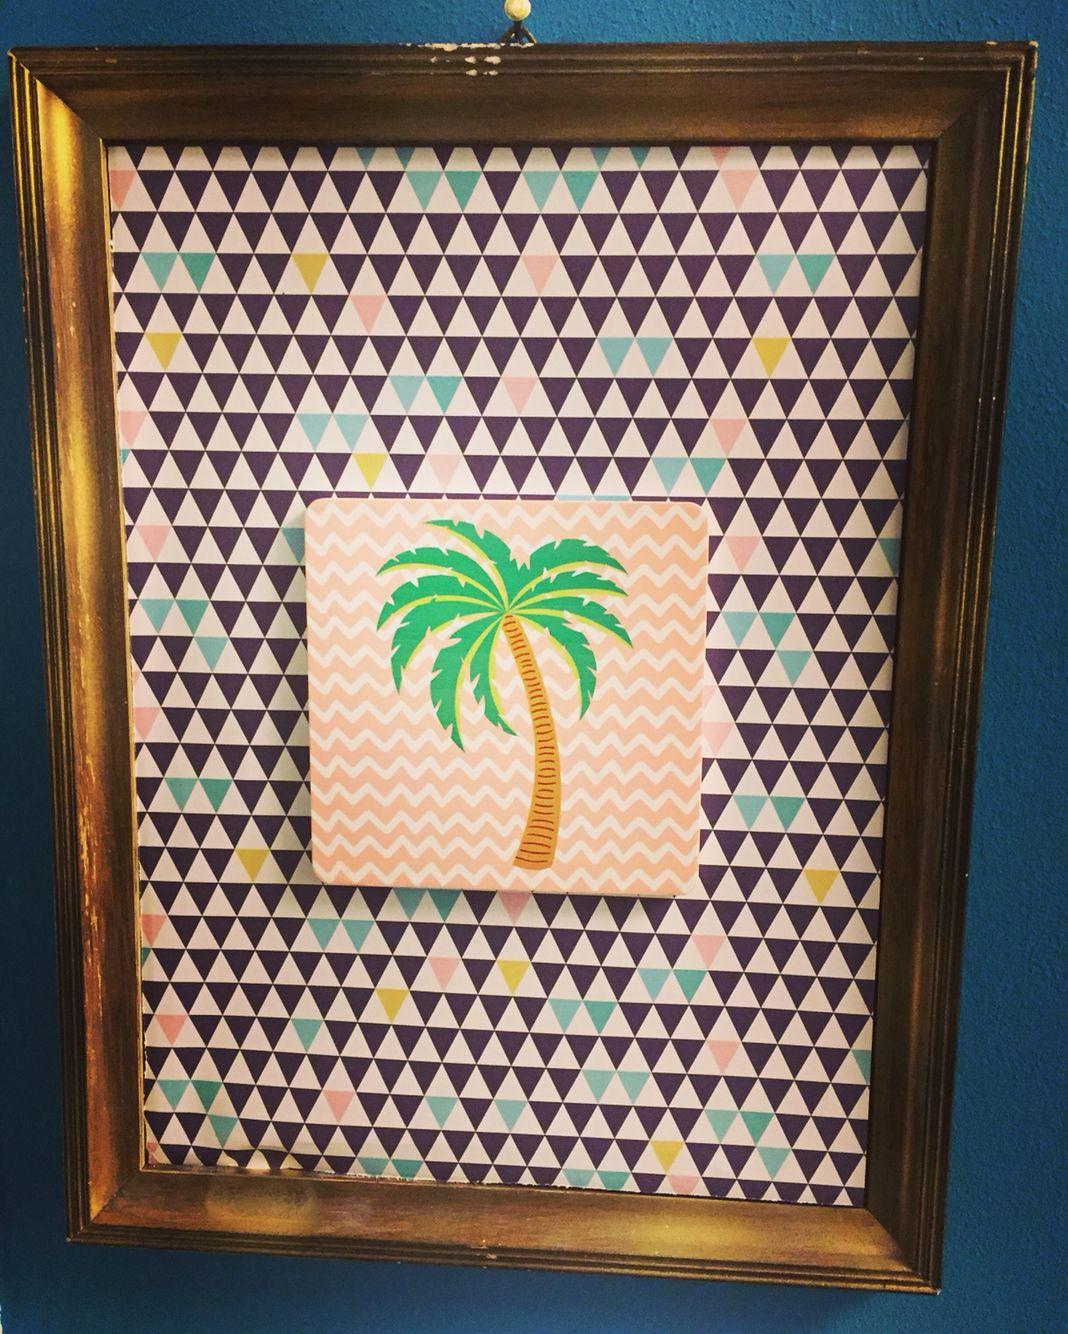 palme#sommer#bilderrahmen#DIY#   #Palme#Sommer#Bilderrahmen#   Pinterest